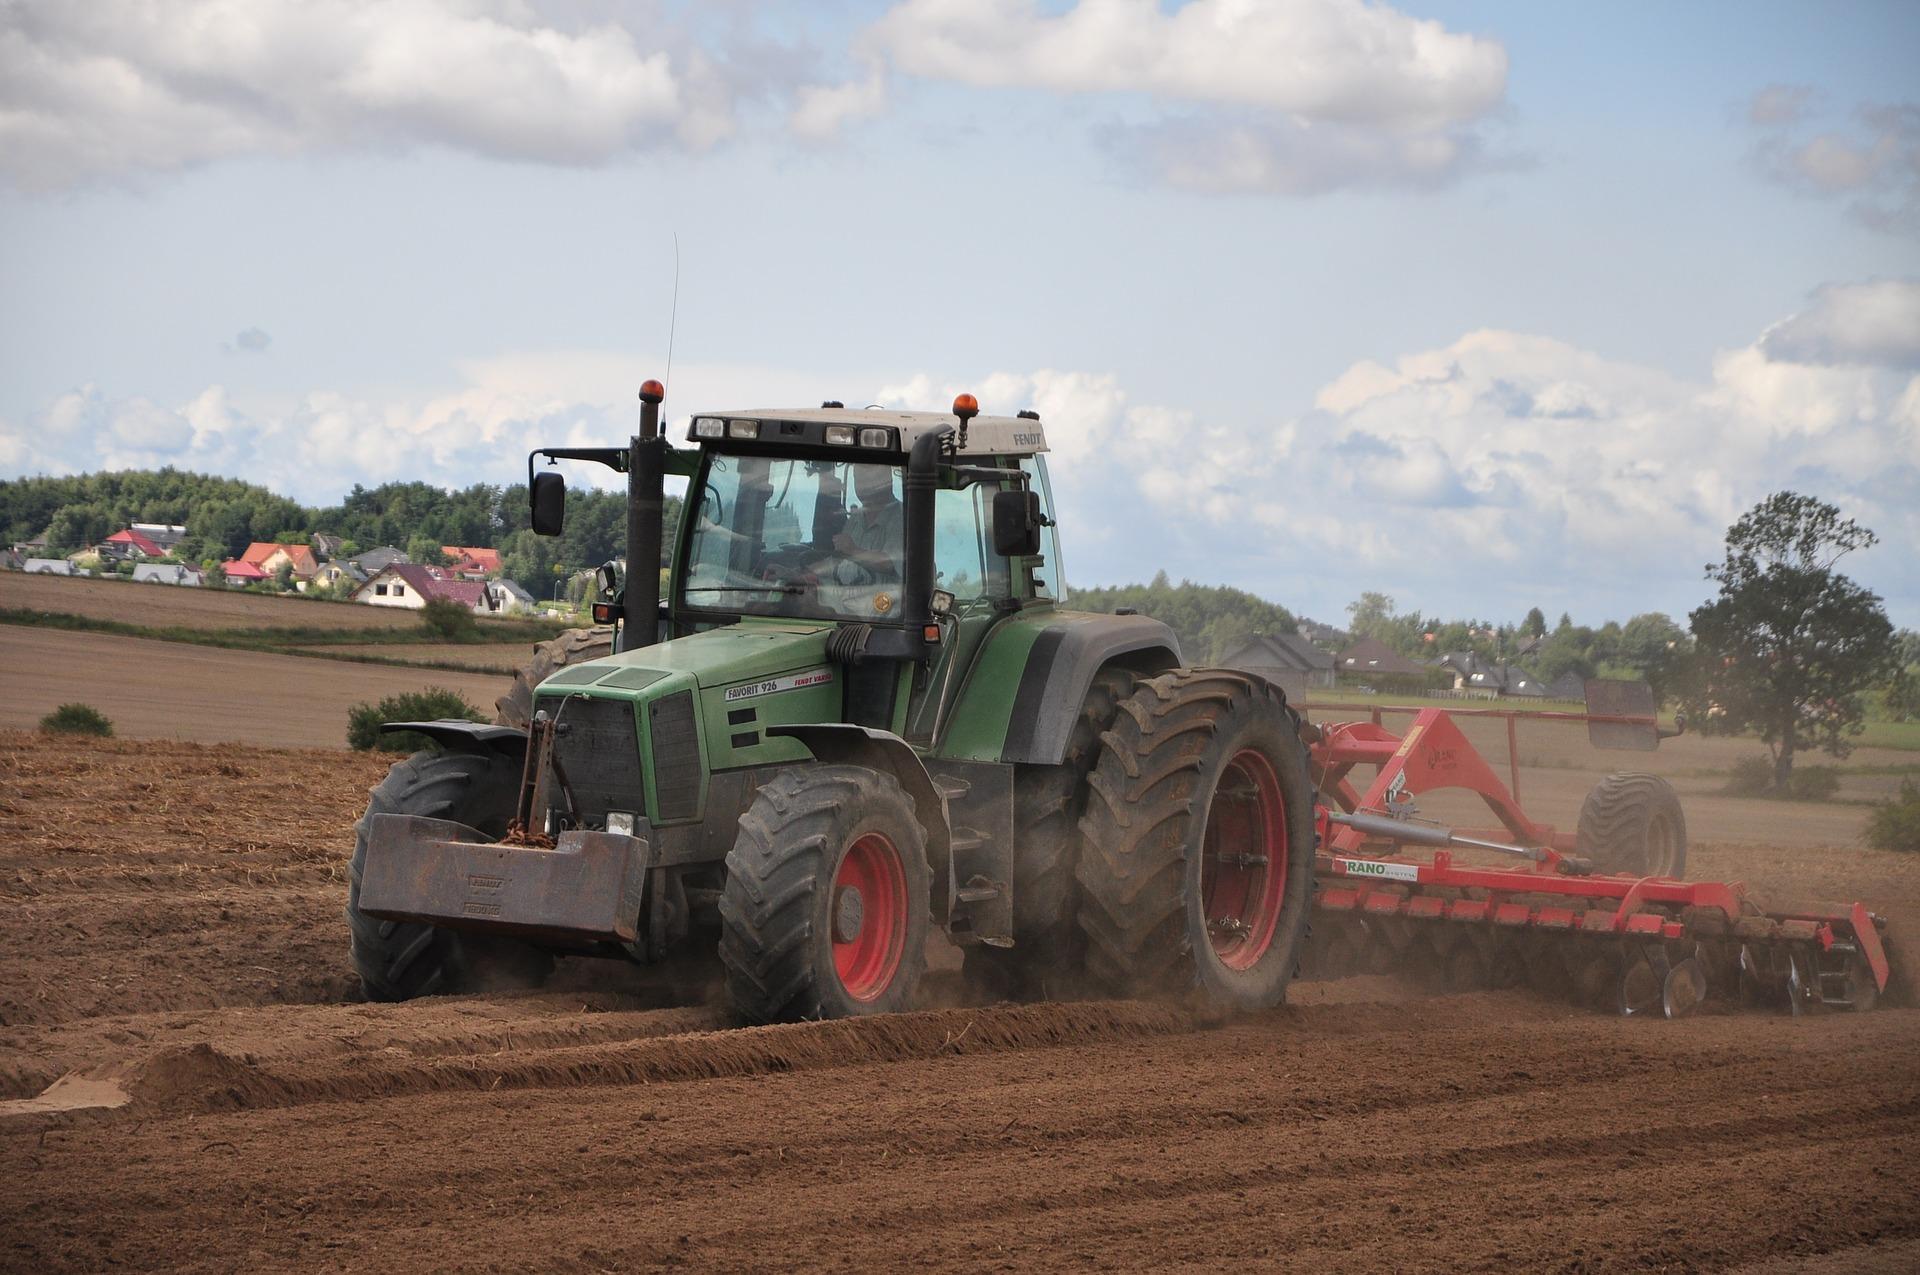 Agrarbeihilfen und das Kriterium der Gutgläubigkeit